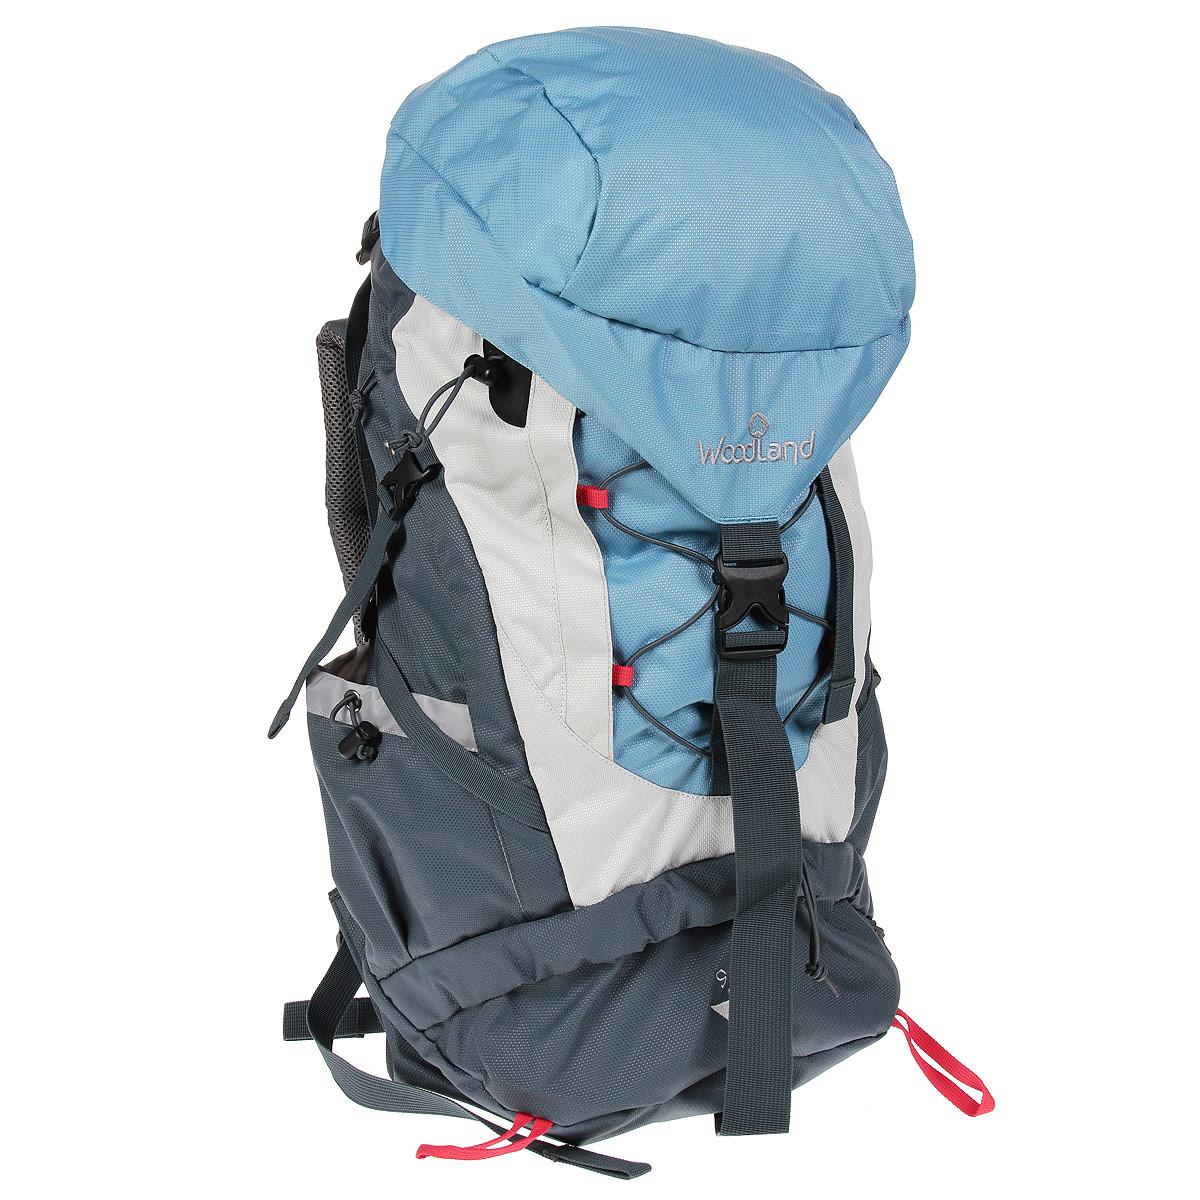 Рюкзак WoodLand Sky 60, цвет: синий, светло-серый, темно-серый30781Качественный и функциональный рюкзак WoodLand Sky 60 для любых путешествий. Оснащен удобной регулируемой подвесной системой VRS. Быстрый доступ в любую часть рюкзака. Универсальный объем. Малый вес. Удобное решение для новых задач. Особенности рюкзака: Съемный клапан с верхним карманом. Кармашек для плеера в клапане + выход для наушников. Верхний, нижний и боковой вход в основное отделение. Диафрагма типа кулиска, перекрывается затягиванием шнура и фиксируется стоппером. Три внешних кармана. Широкий поясной ремень с кармашком для мелочей. Боковые карманы выполнены из основного материала. Широкие S-образные лямки. Грудная стяжка с резиновым компенсатором. Пластиковая фурнитура YKK.